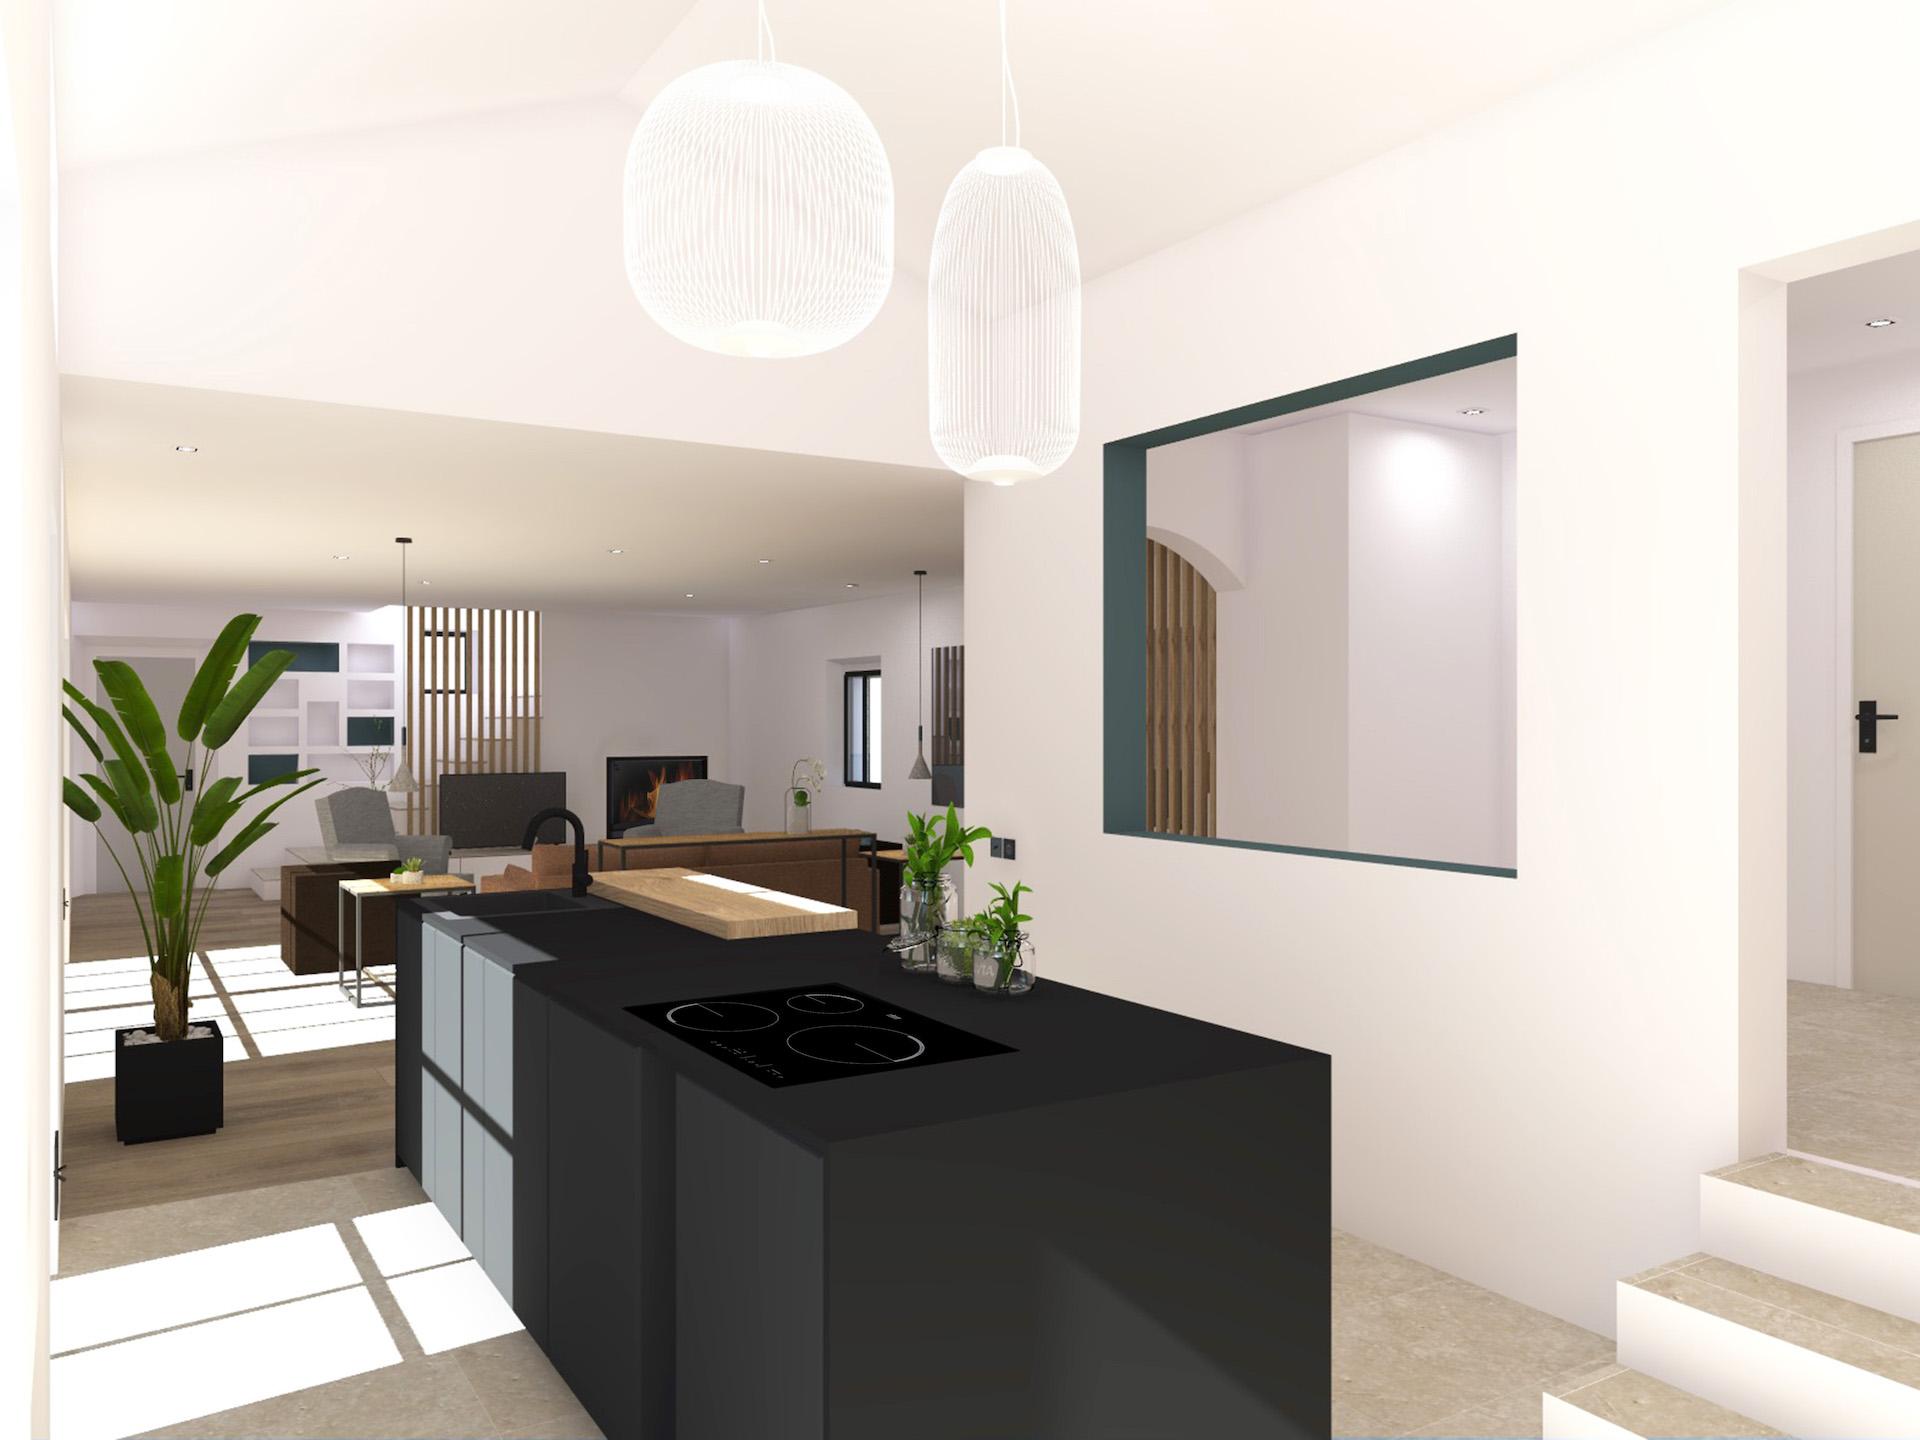 Décoration-cuisine-salon-Sainte-Maxime-architecte-interieur-var5